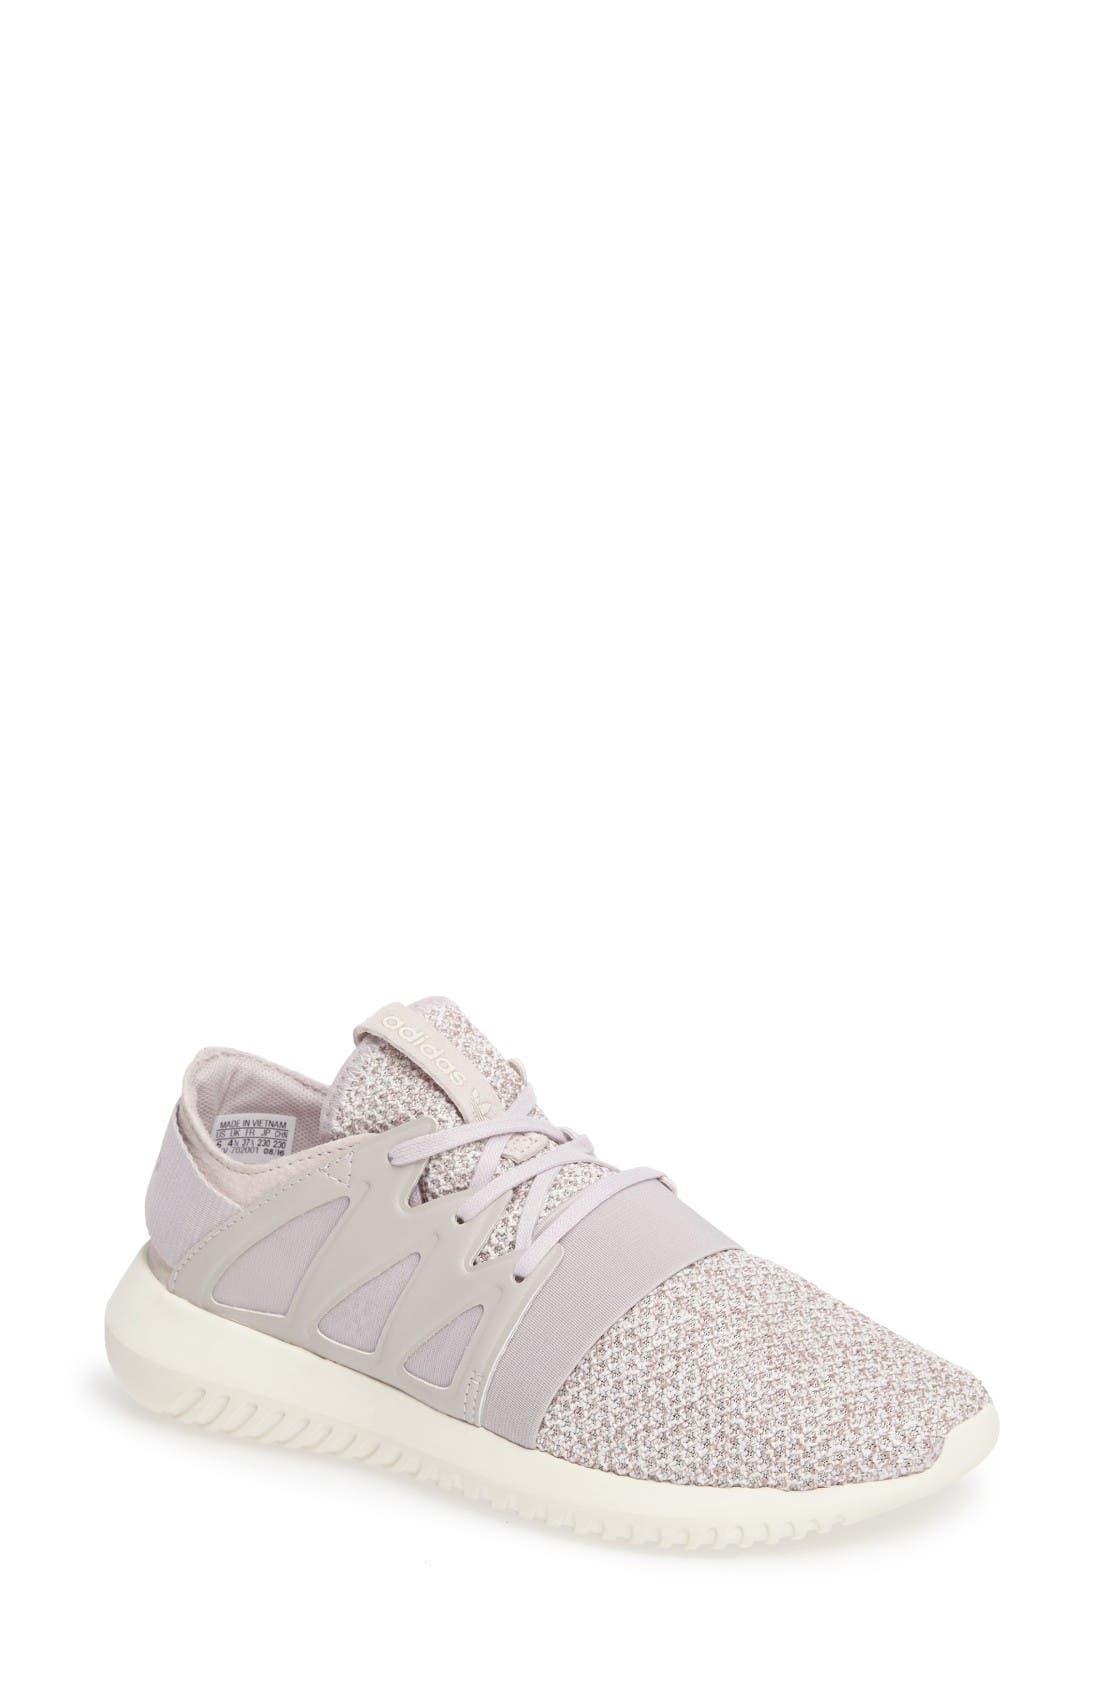 adidas Tubular Viral Knit Sneaker (Women)